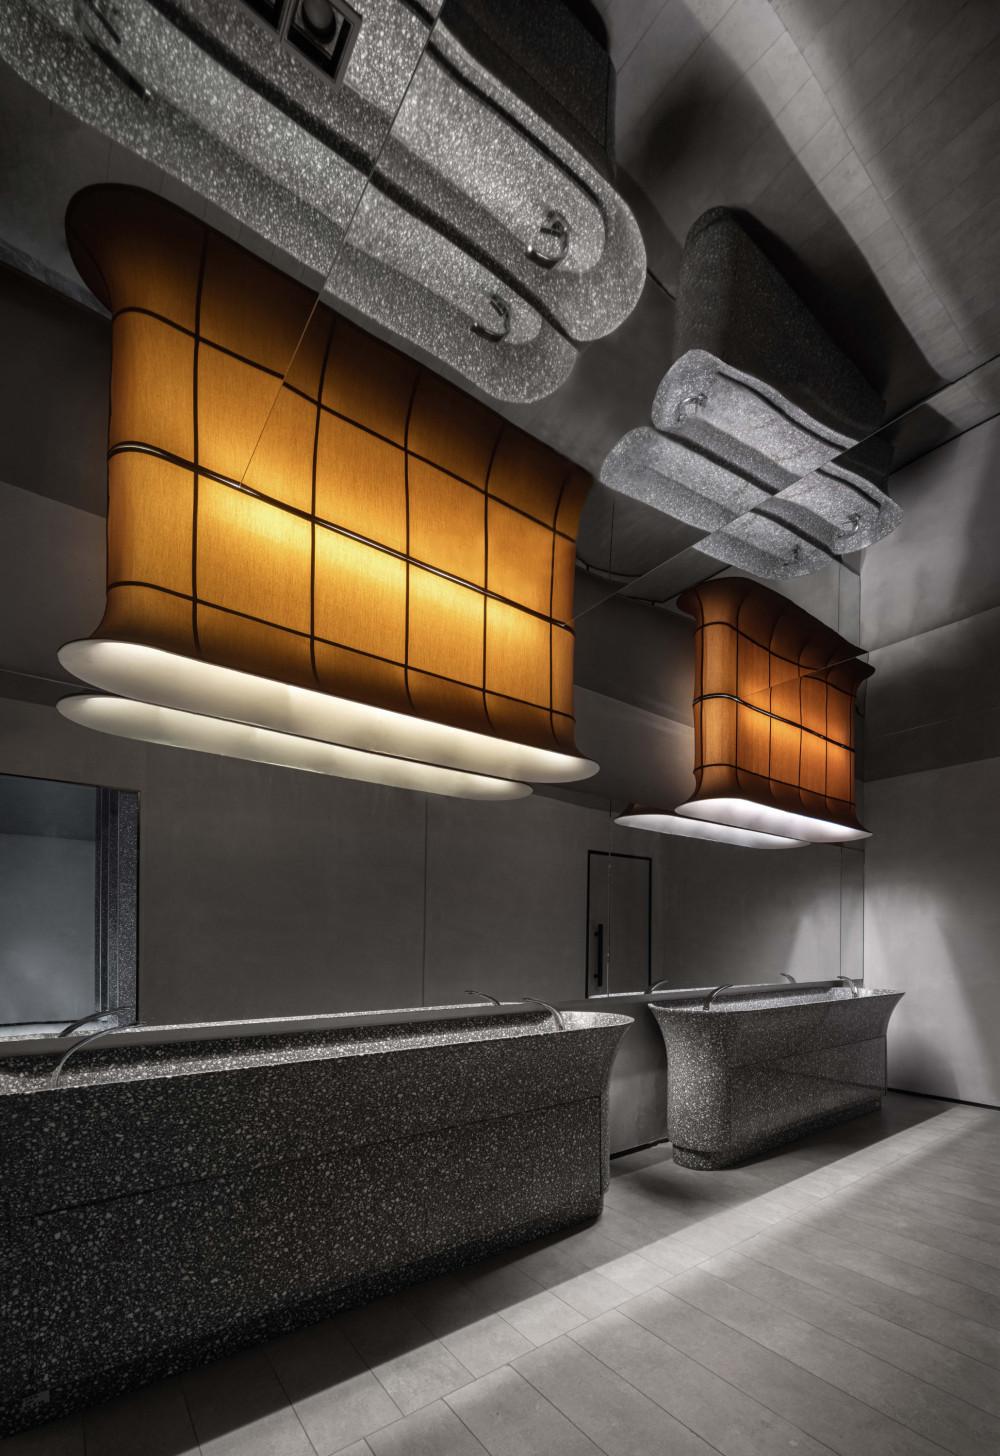 20210422-鲲誉-武汉南德缦和世纪售楼处-丛林-成图2.jpg